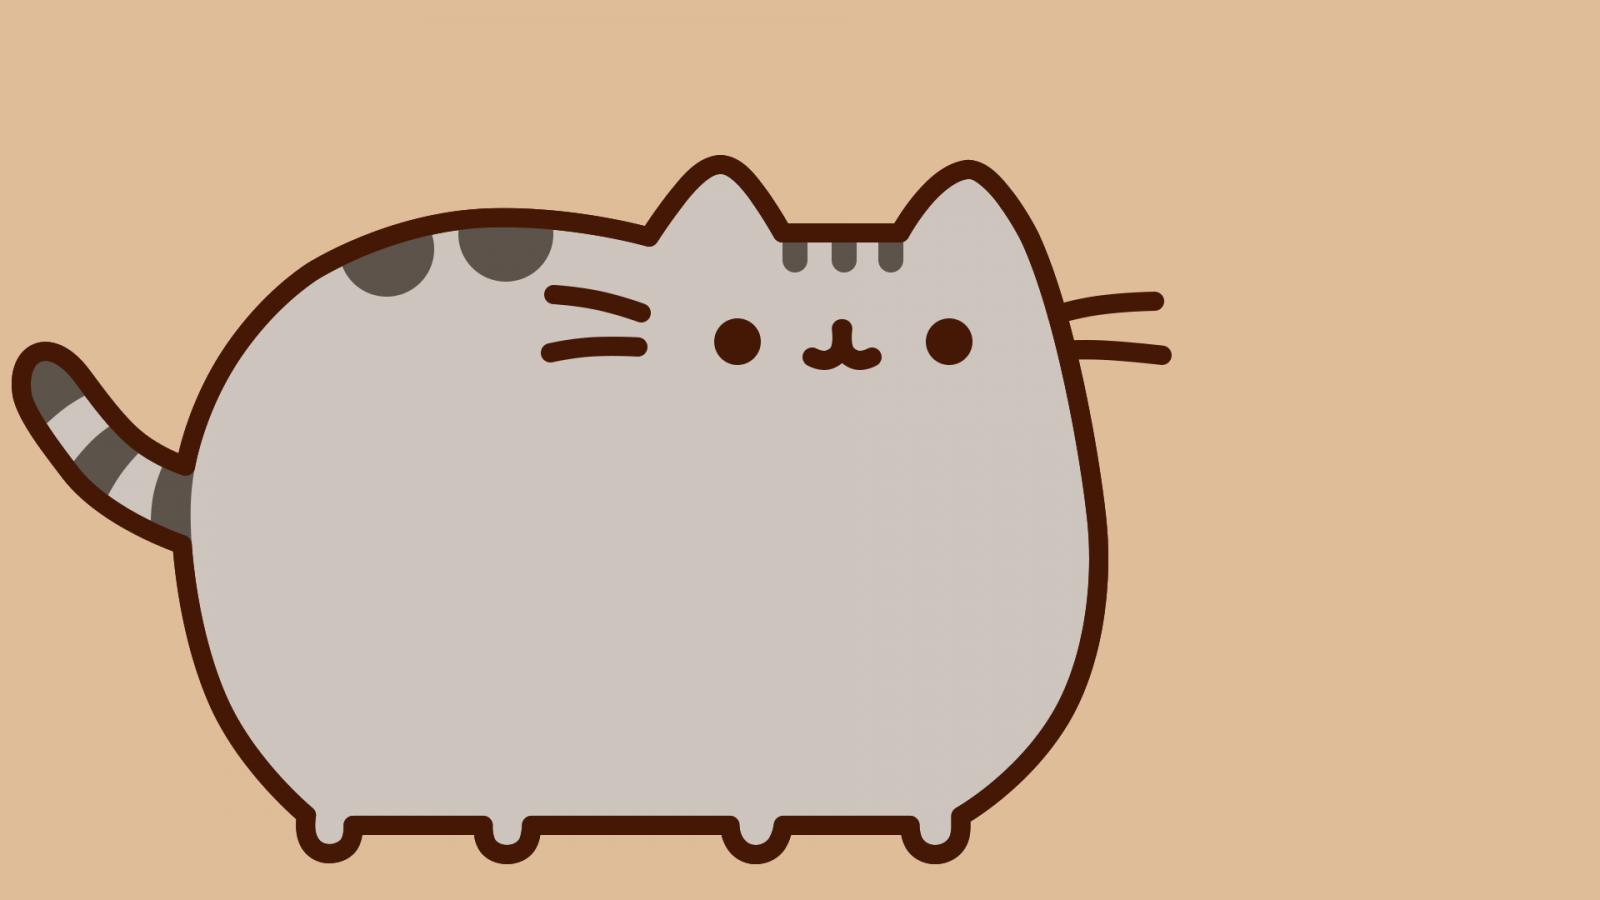 Free Pusheen Pusheenthecat Cat Wallpapers HD